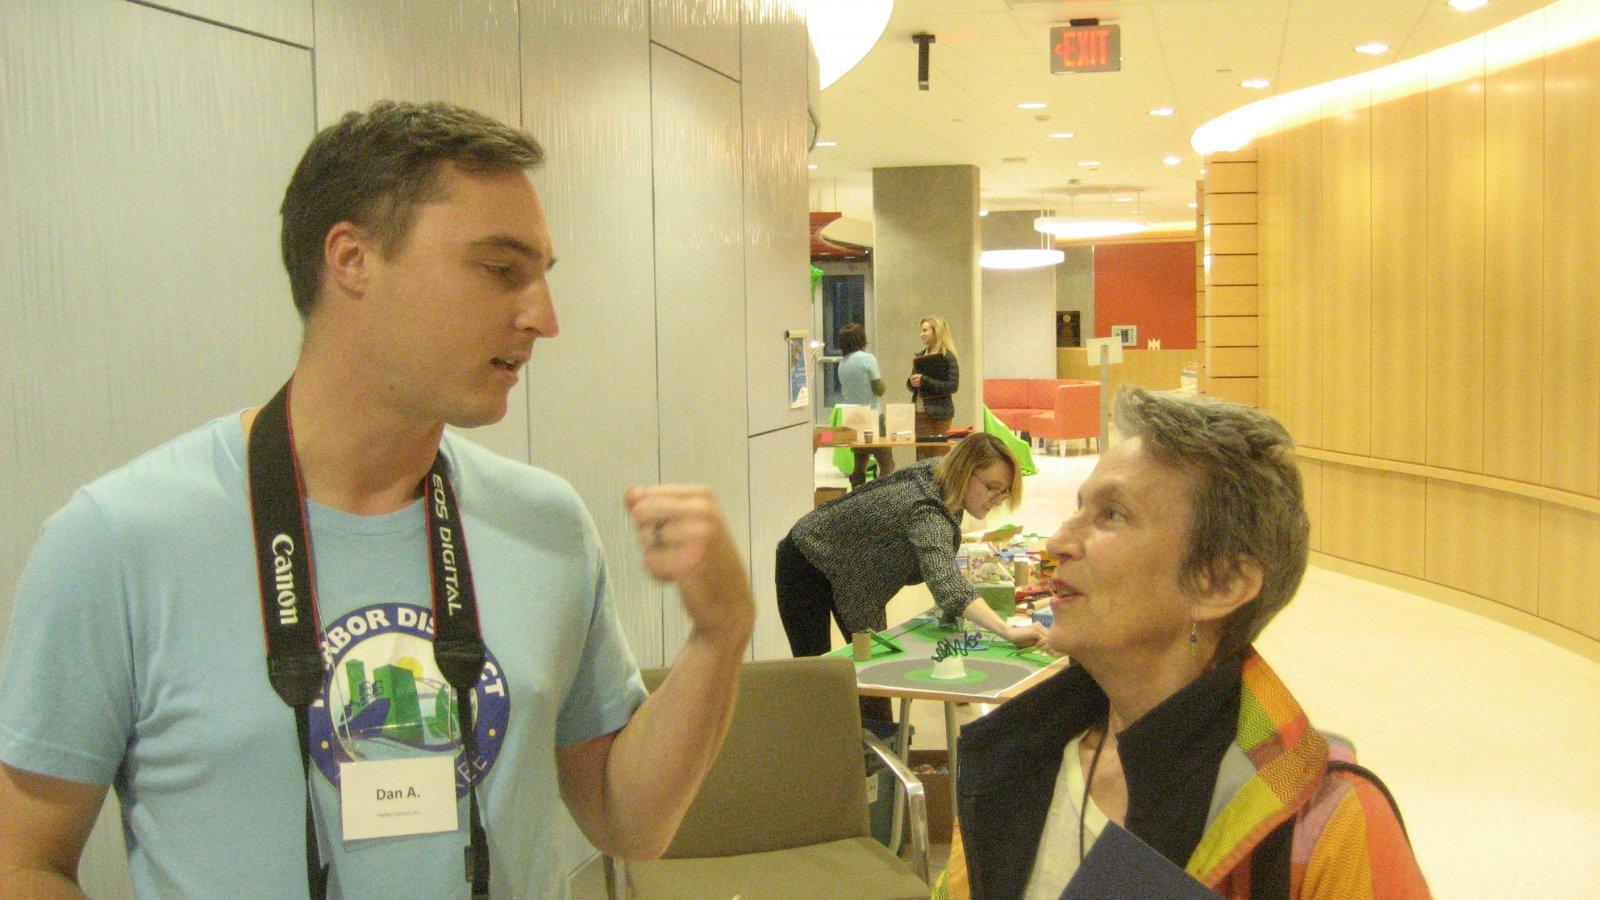 Dan Adams and Julilly Kohler